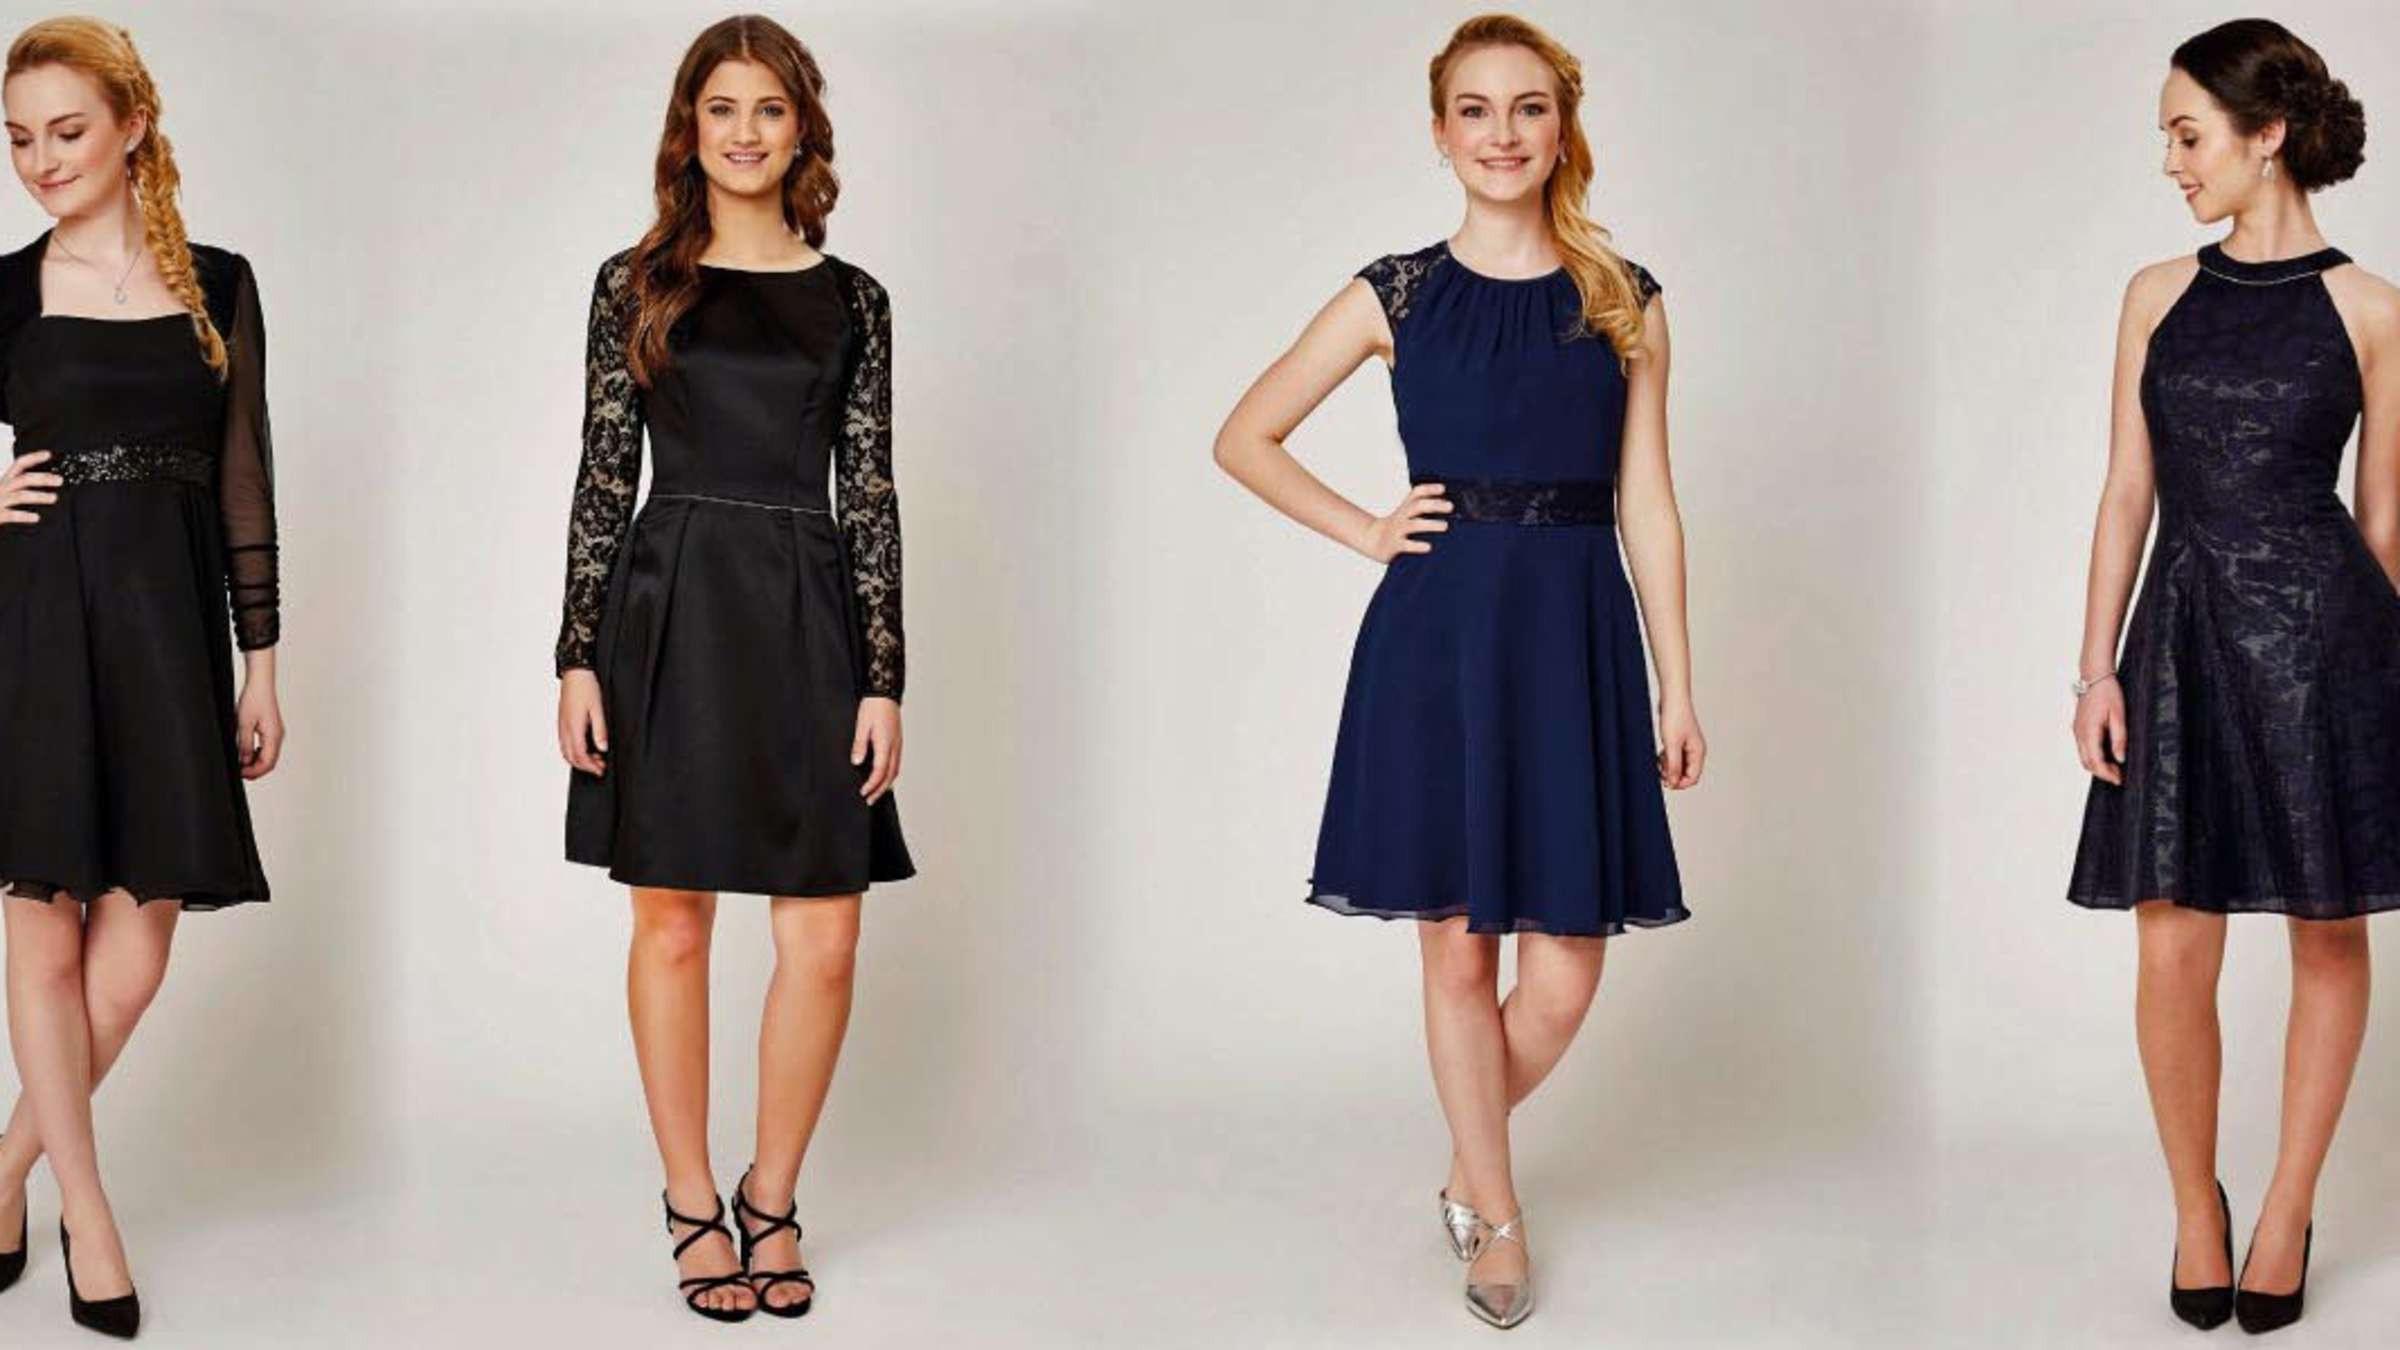 15 Spektakulär Kleider Für Konfirmation Spezialgebiet Erstaunlich Kleider Für Konfirmation Galerie